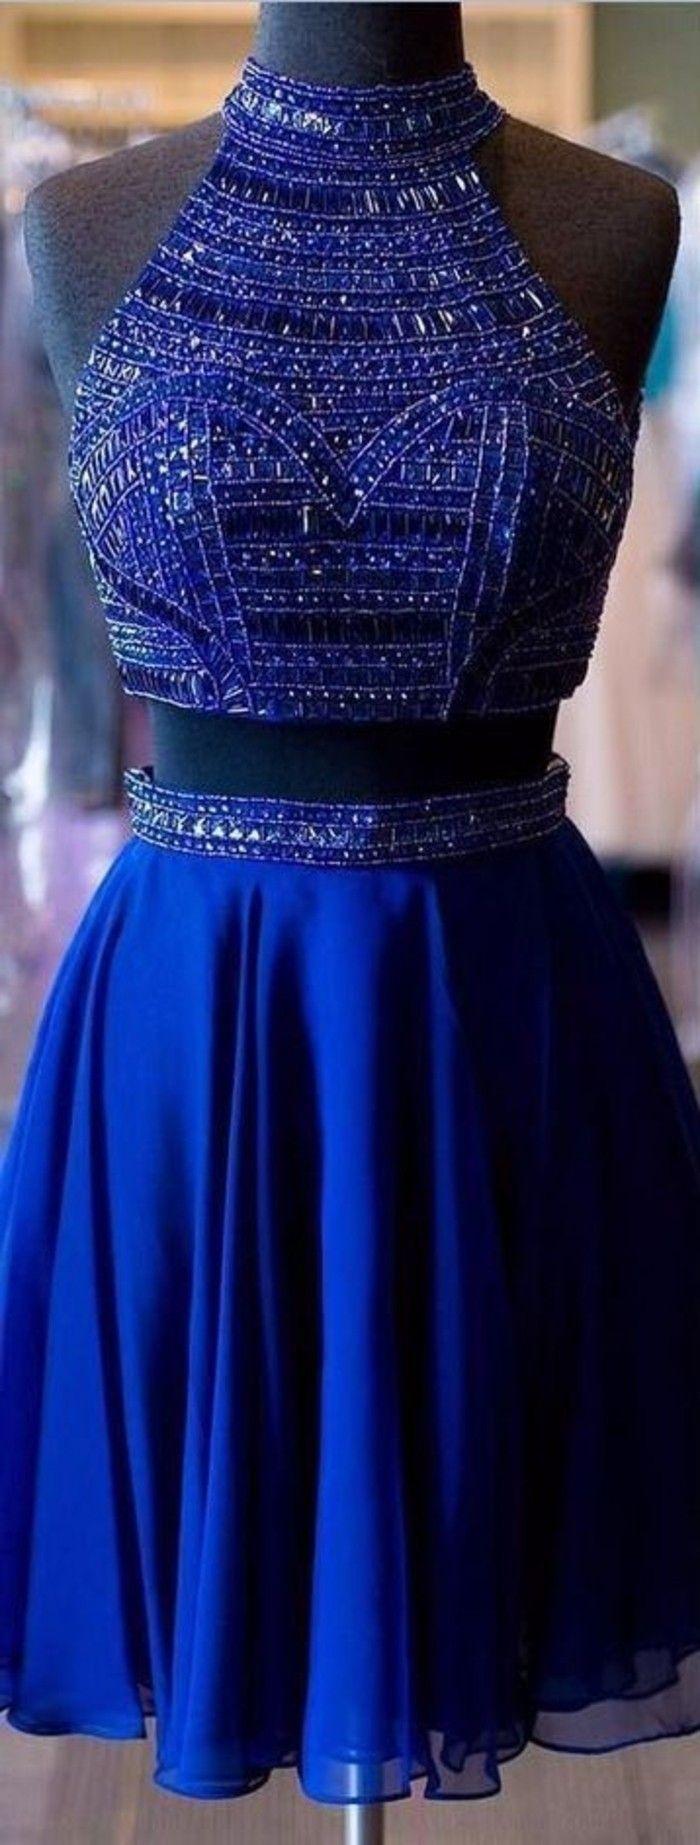 vestidos-de-noche-azul-corto-dos-partes-lentejuelas